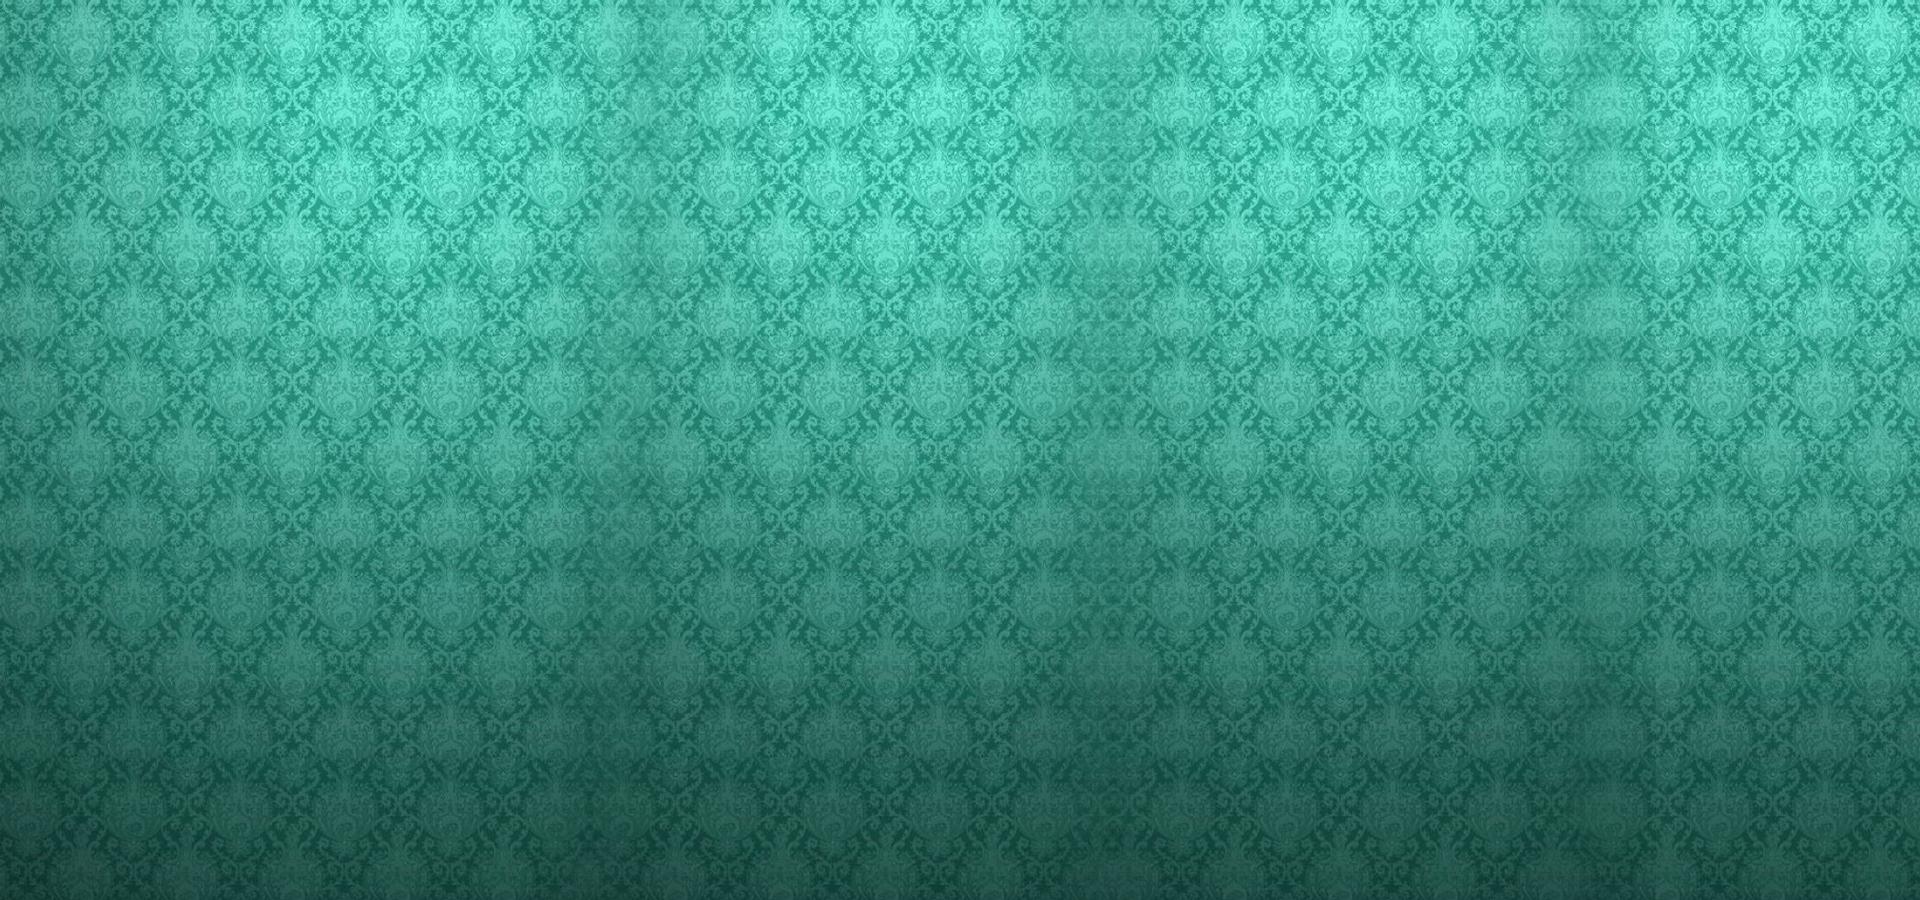 Patrón De Fondo De Pantalla De Deportes: Sombreado Wallpaper, Azul Verde, Patrón, Fondos De